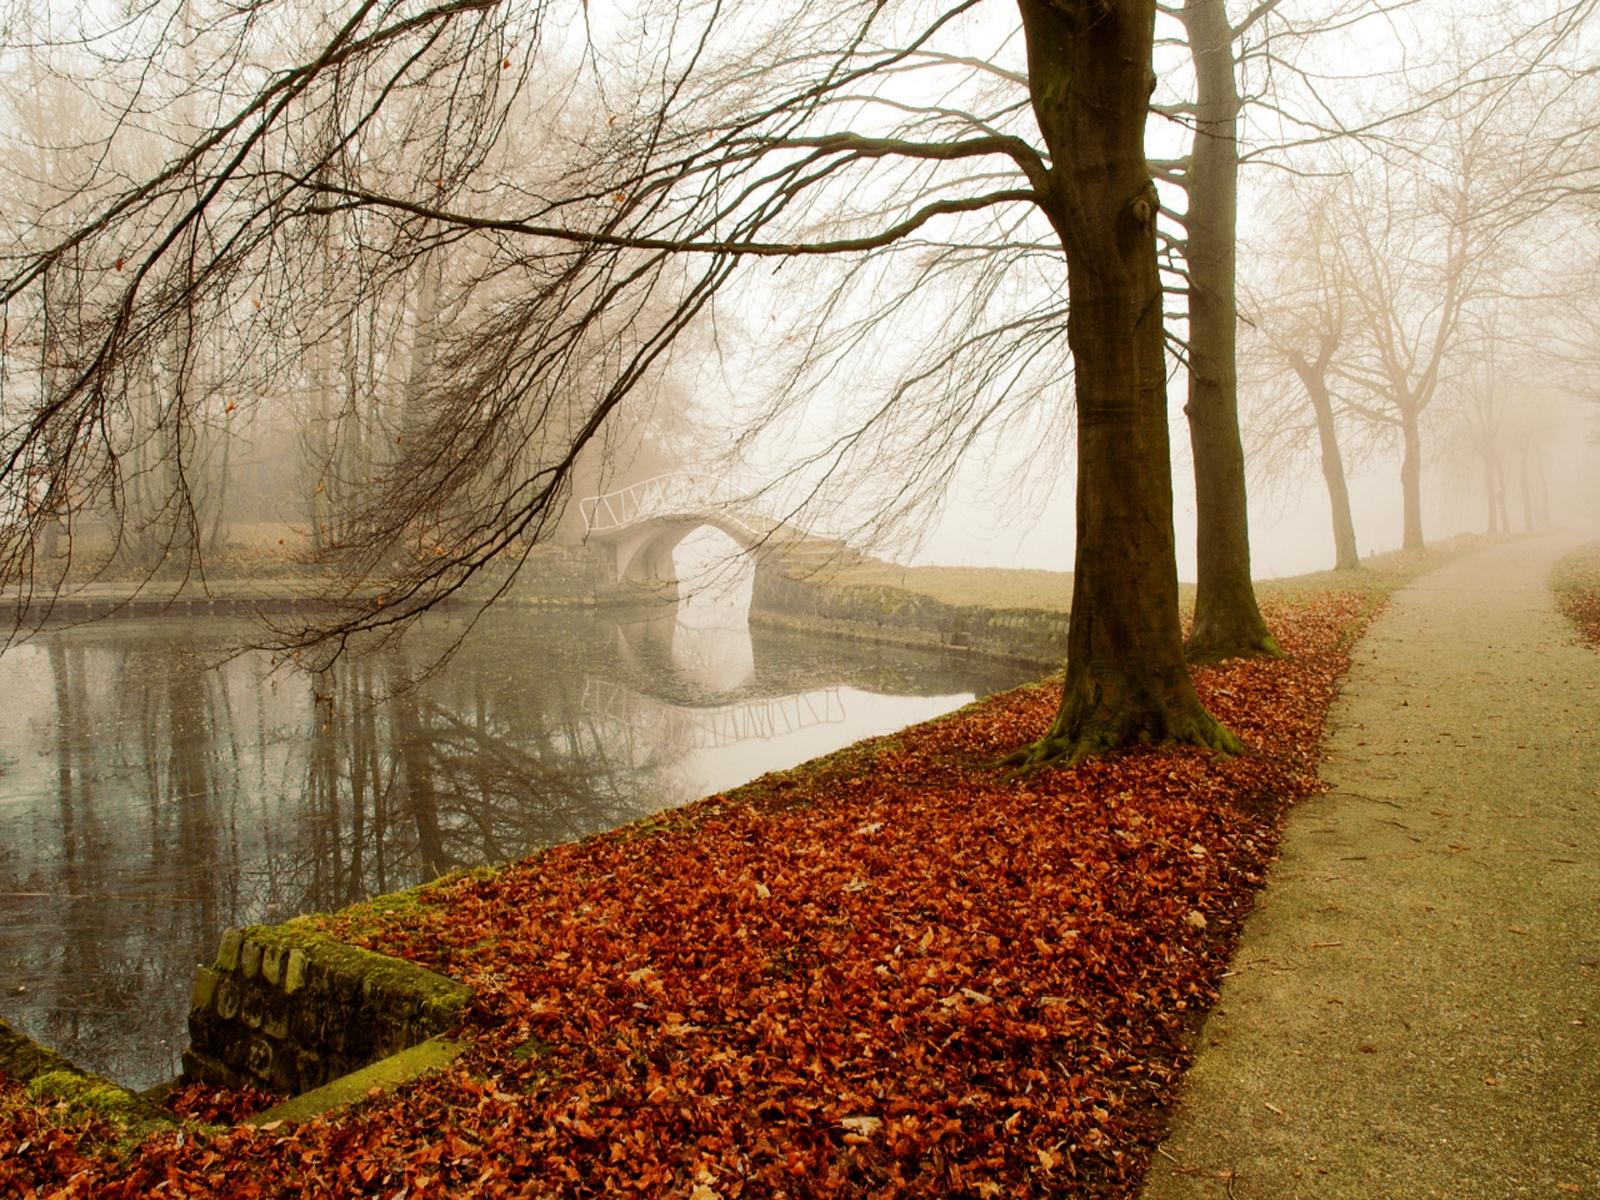 Sonnenlicht Bäume Wald Natur Betrachtung Gras Park Winter Ast Morgen Nebel Brücke Laub Baum Herbst Nebel